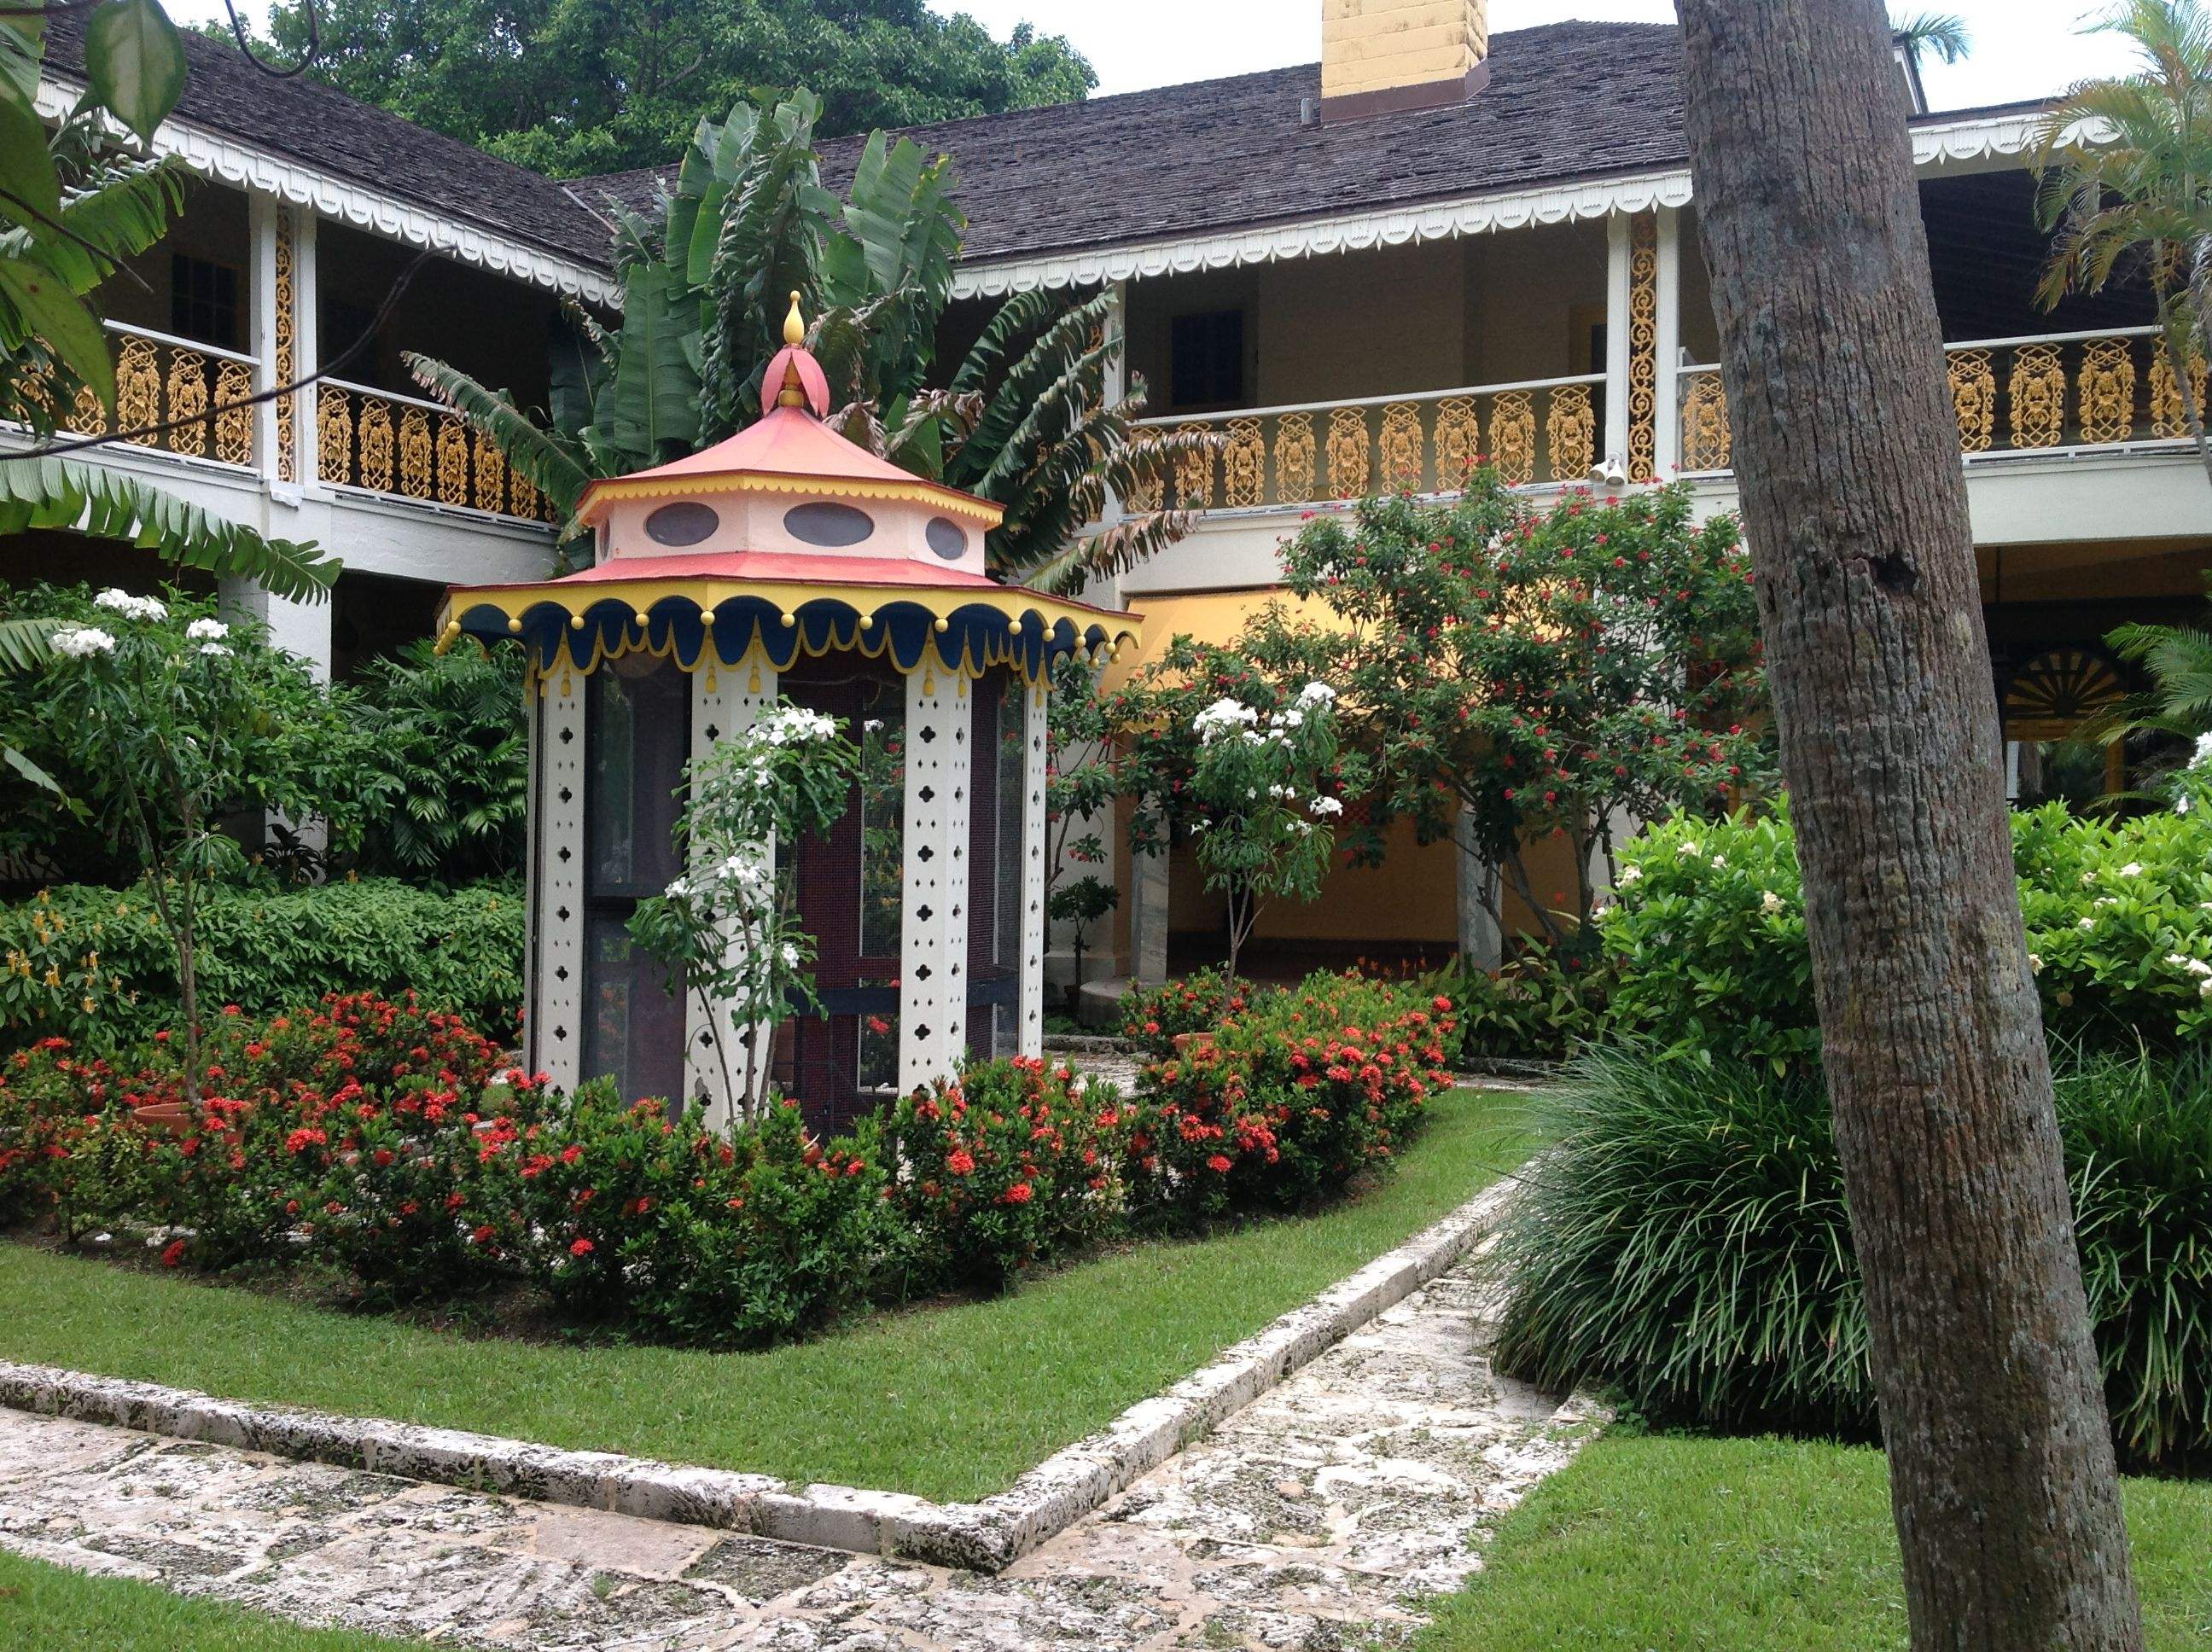 Bonnet House, Fort Lauderdsle